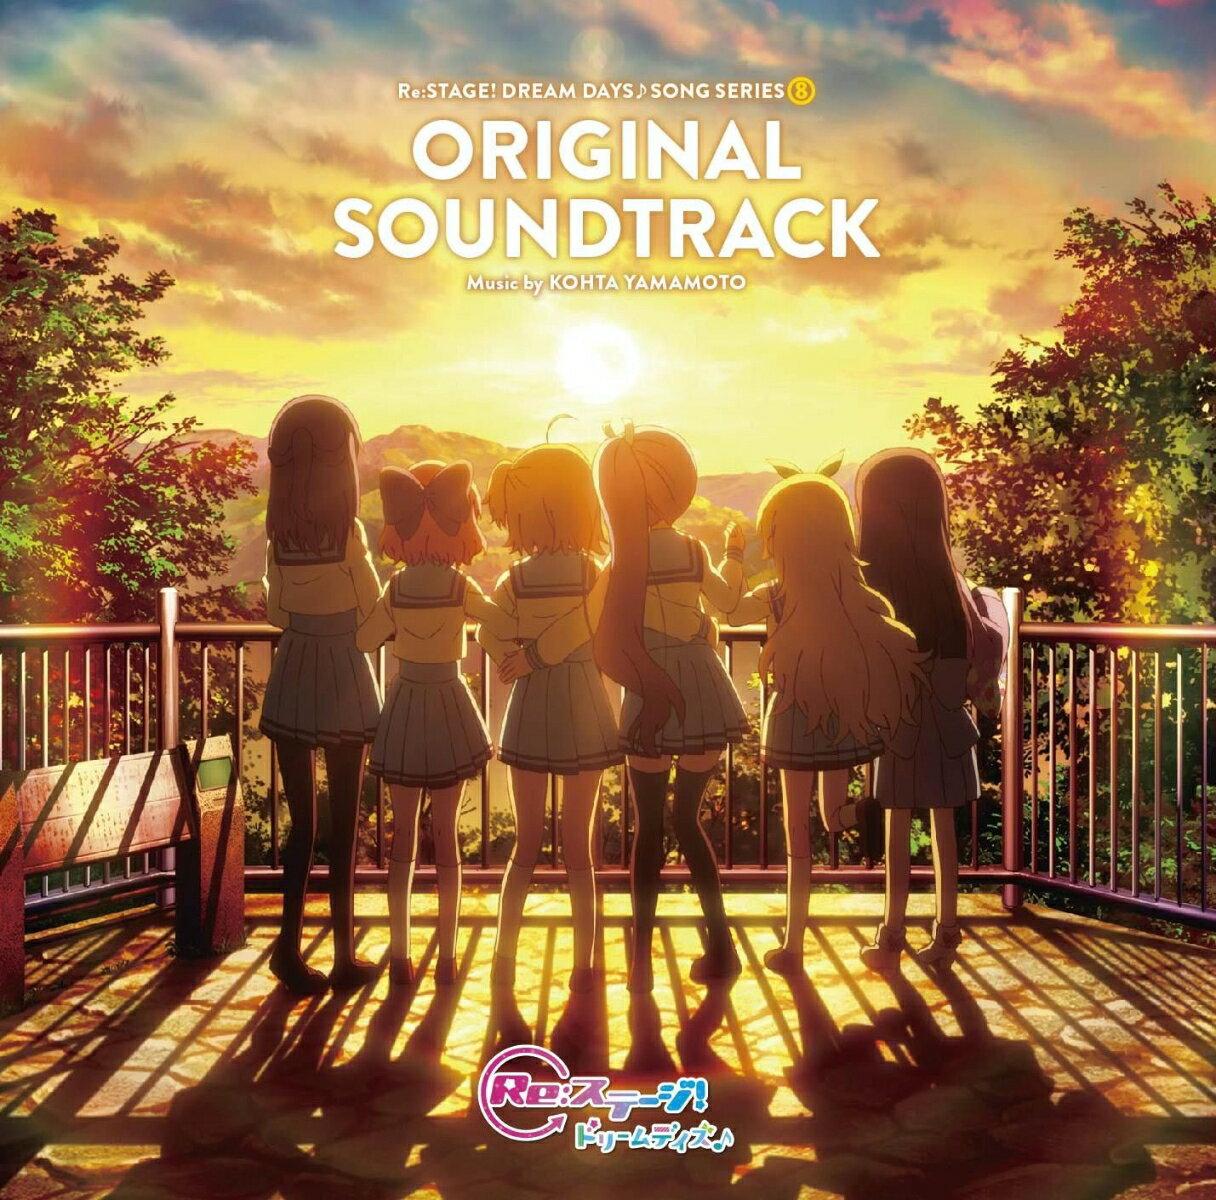 TVアニメ「Re:ステージ! ドリームデイズ♪」SONG SERIES8 ORIGINAL SOUNDTRACK [ KOHTA YAMAMOTO ]画像